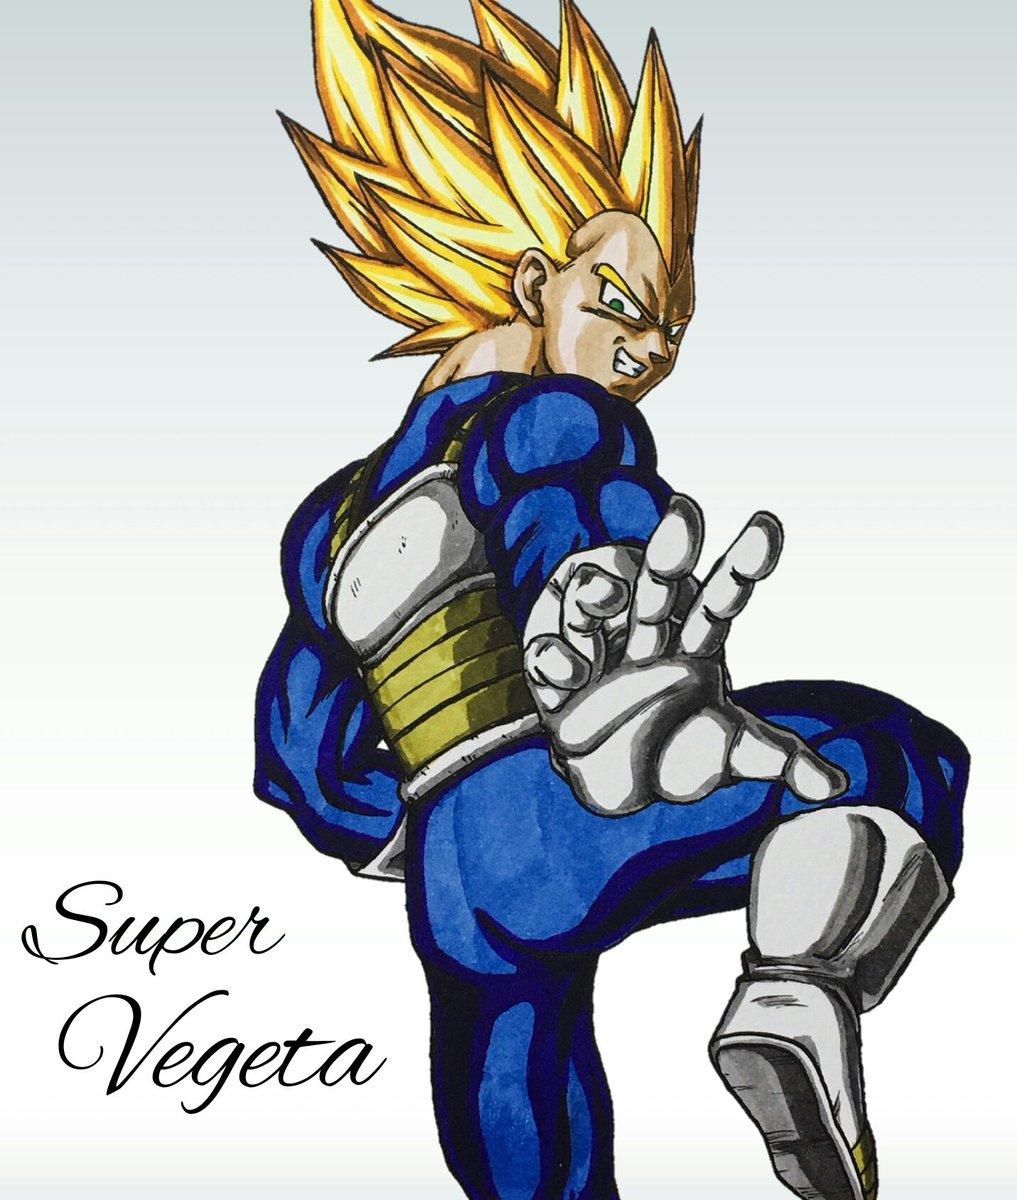 超ベジータのイラスト❗最近は超サイヤ人ブルーしか描いてなかったので、久々に超サイヤ人描くとやっぱりカッコイイですね😄リク